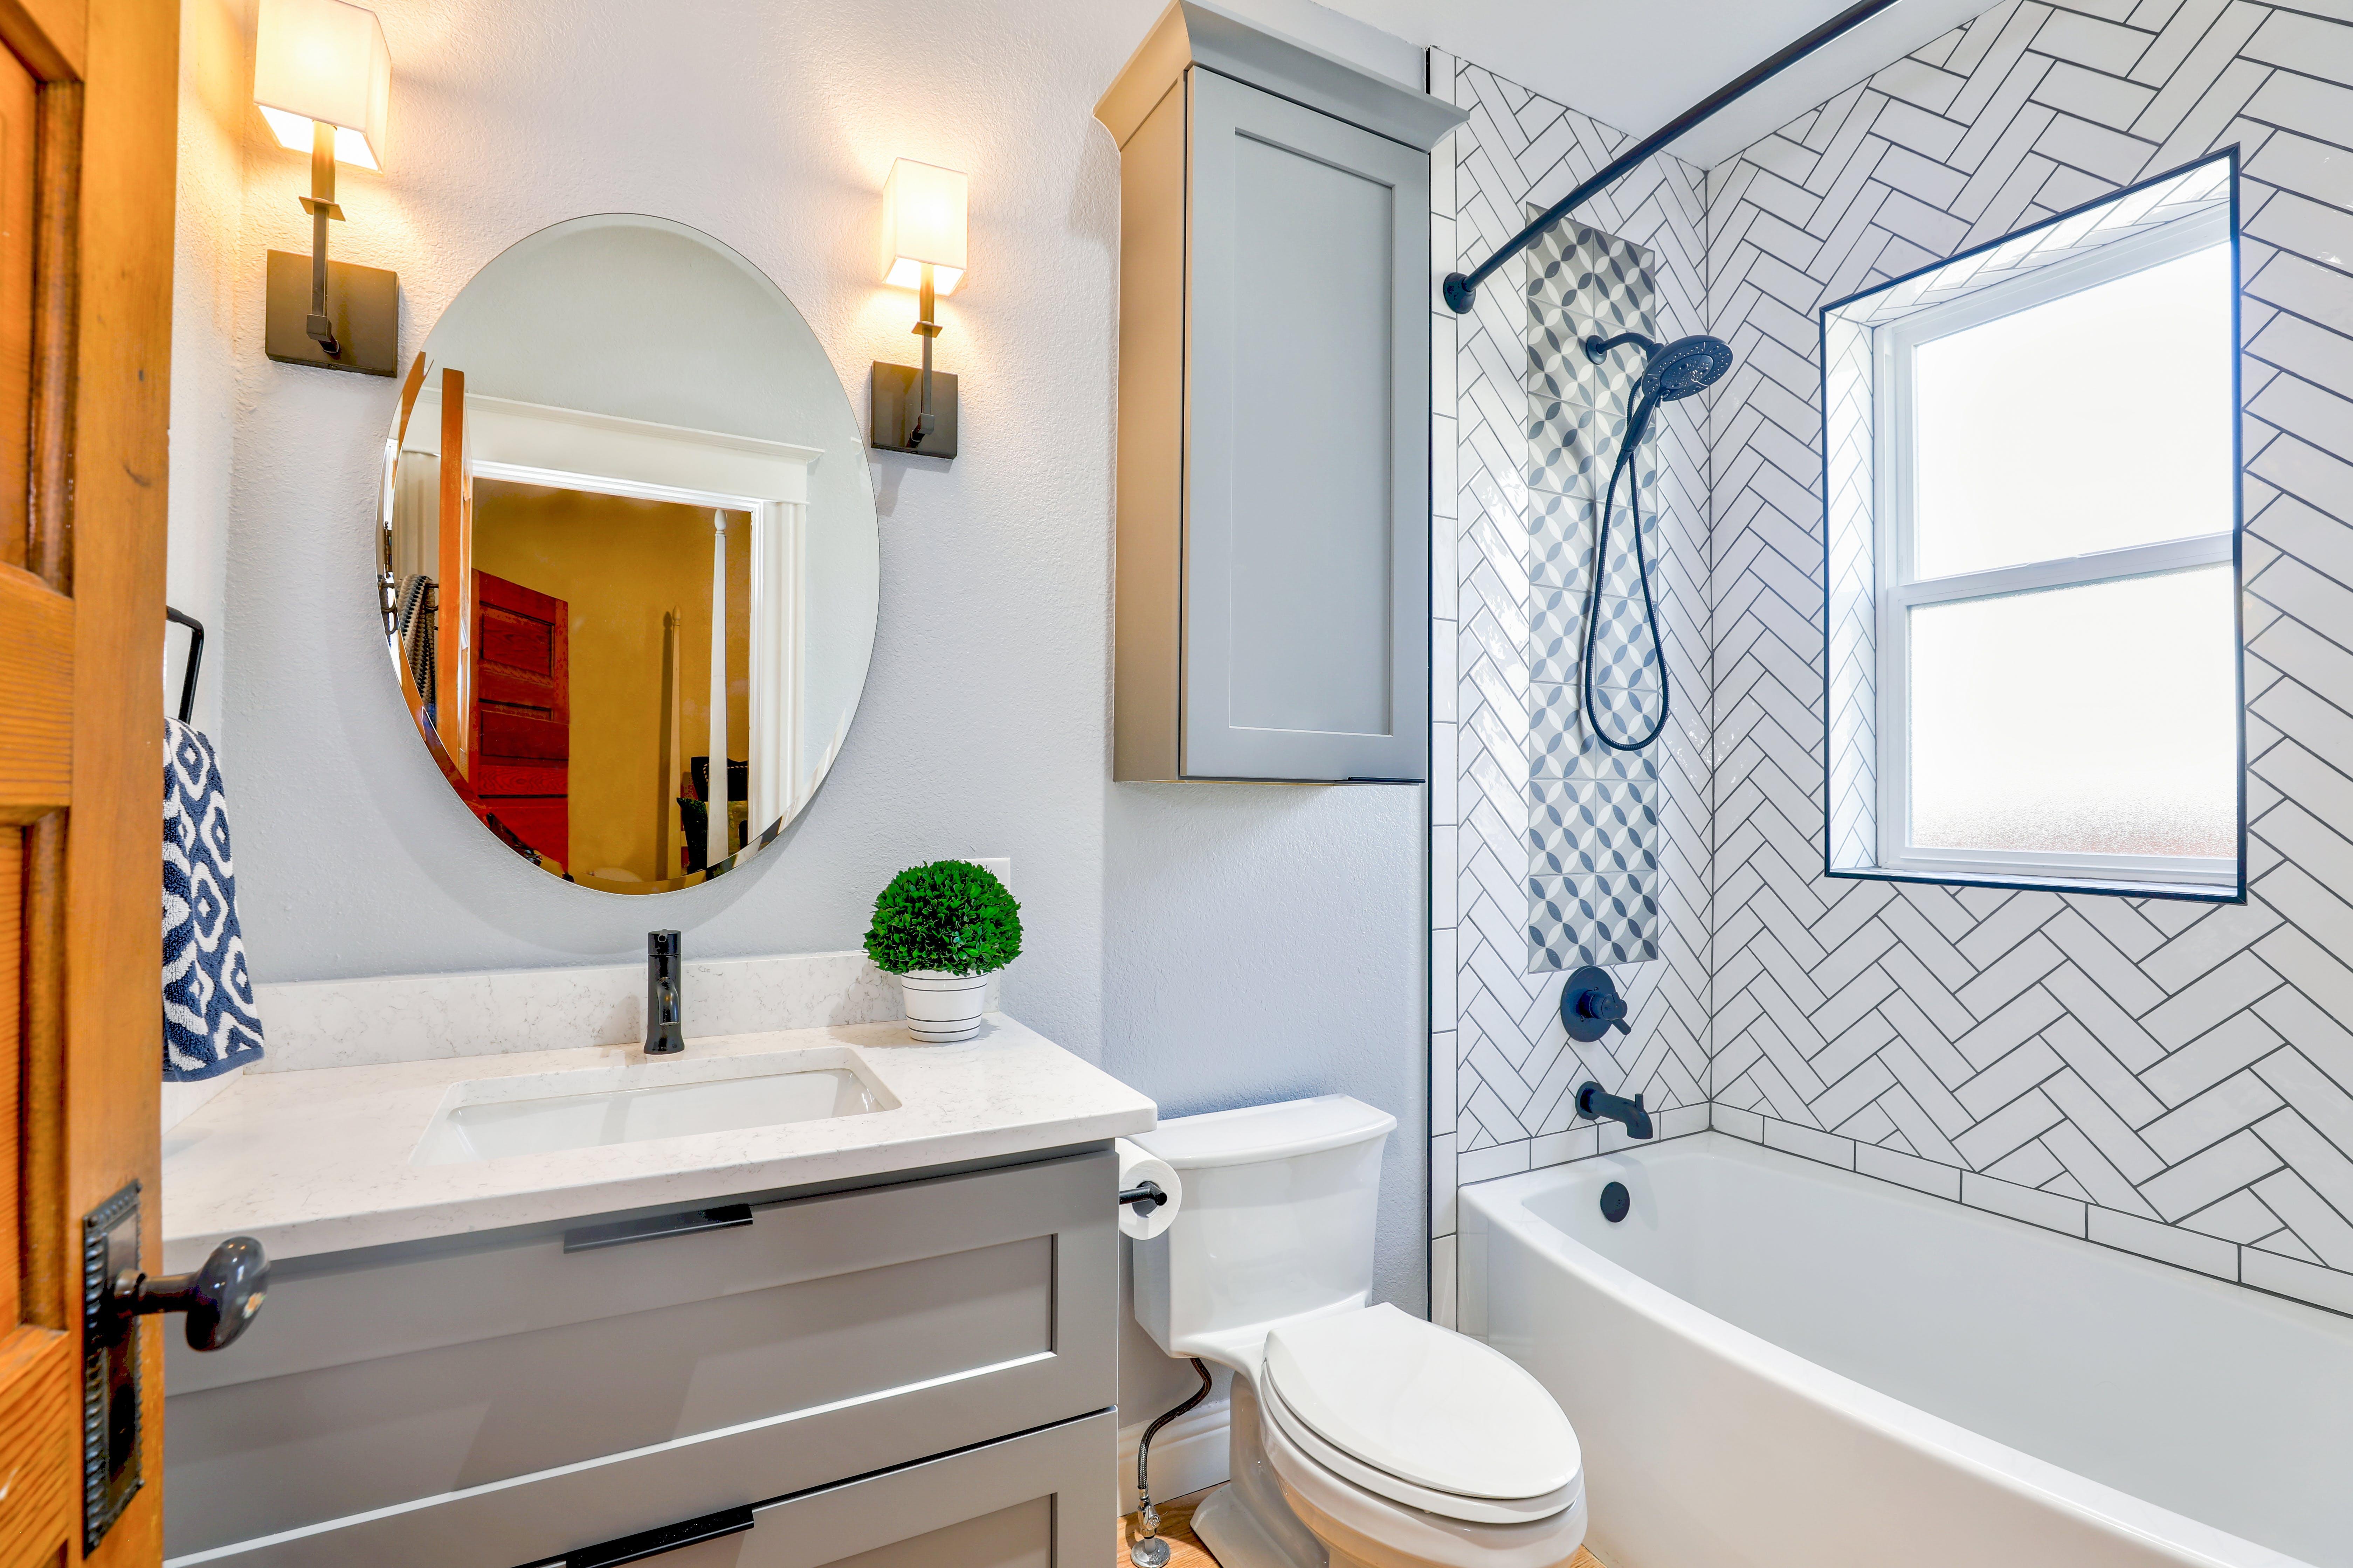 A small bathroom | Photo: Pexels